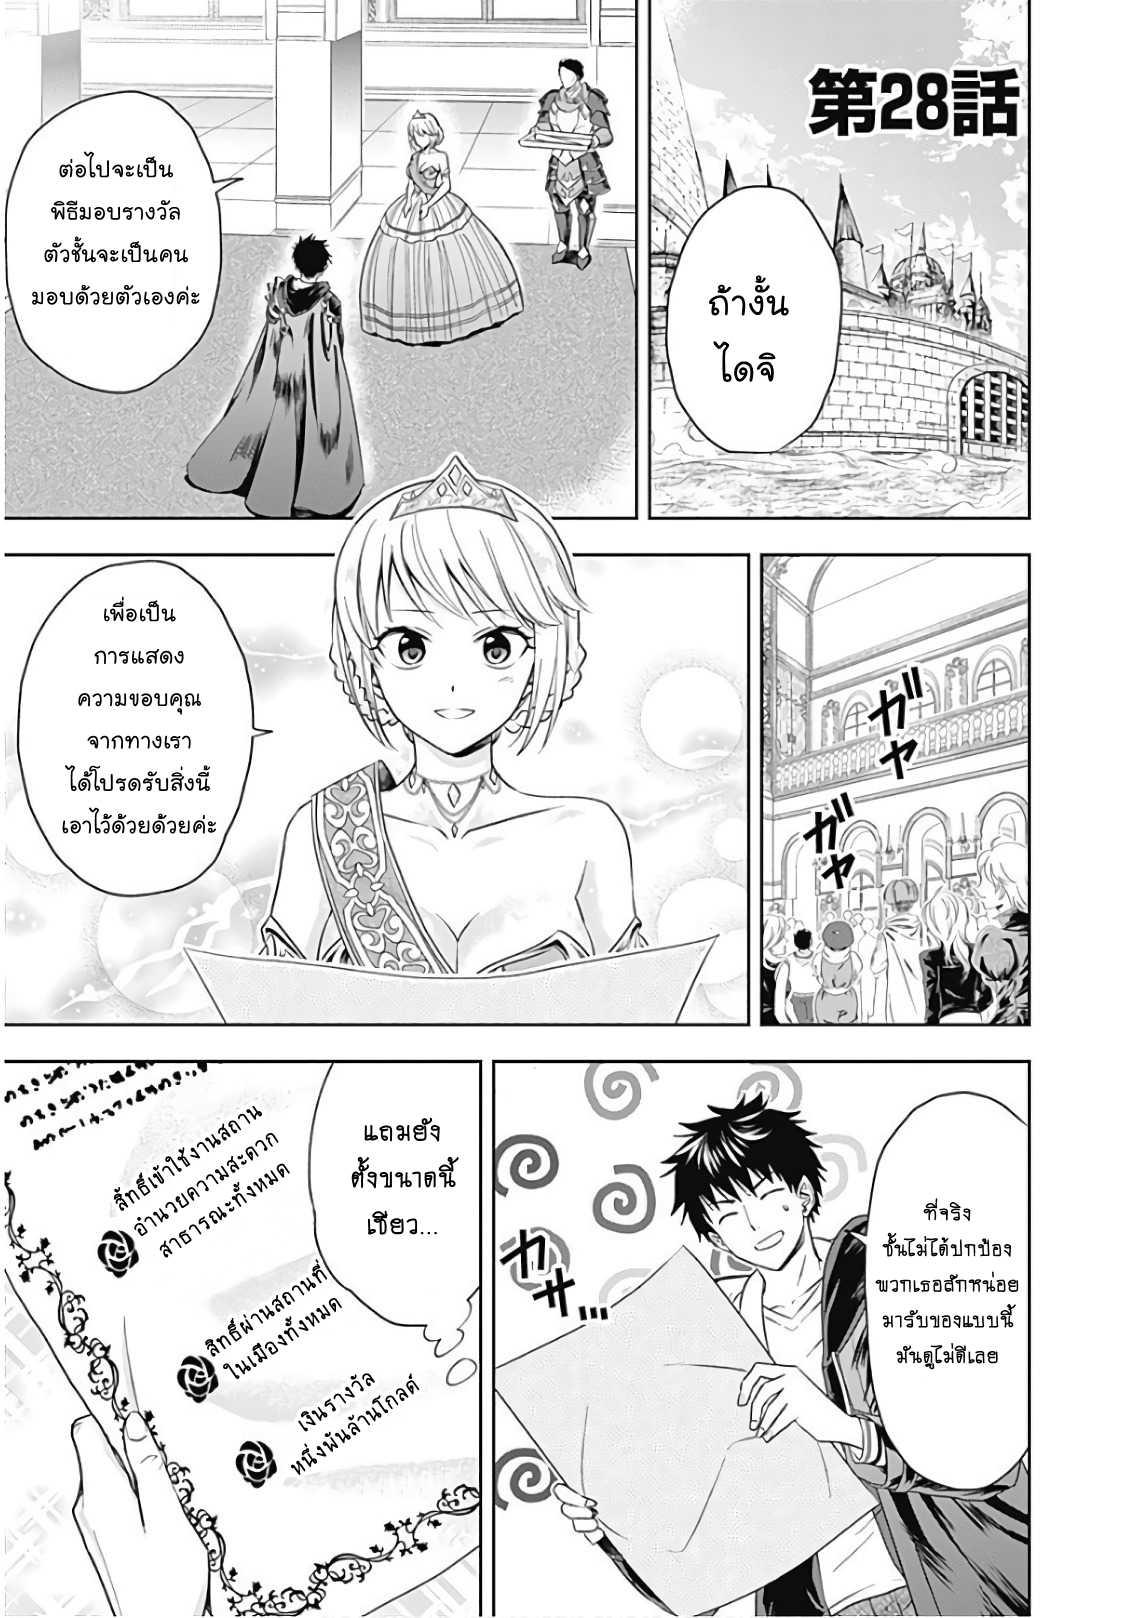 Ore no Ie ga Maryoku Spot datta Ken - Sundeiru dake de Sekai Saikyou-ตอนที่ 28